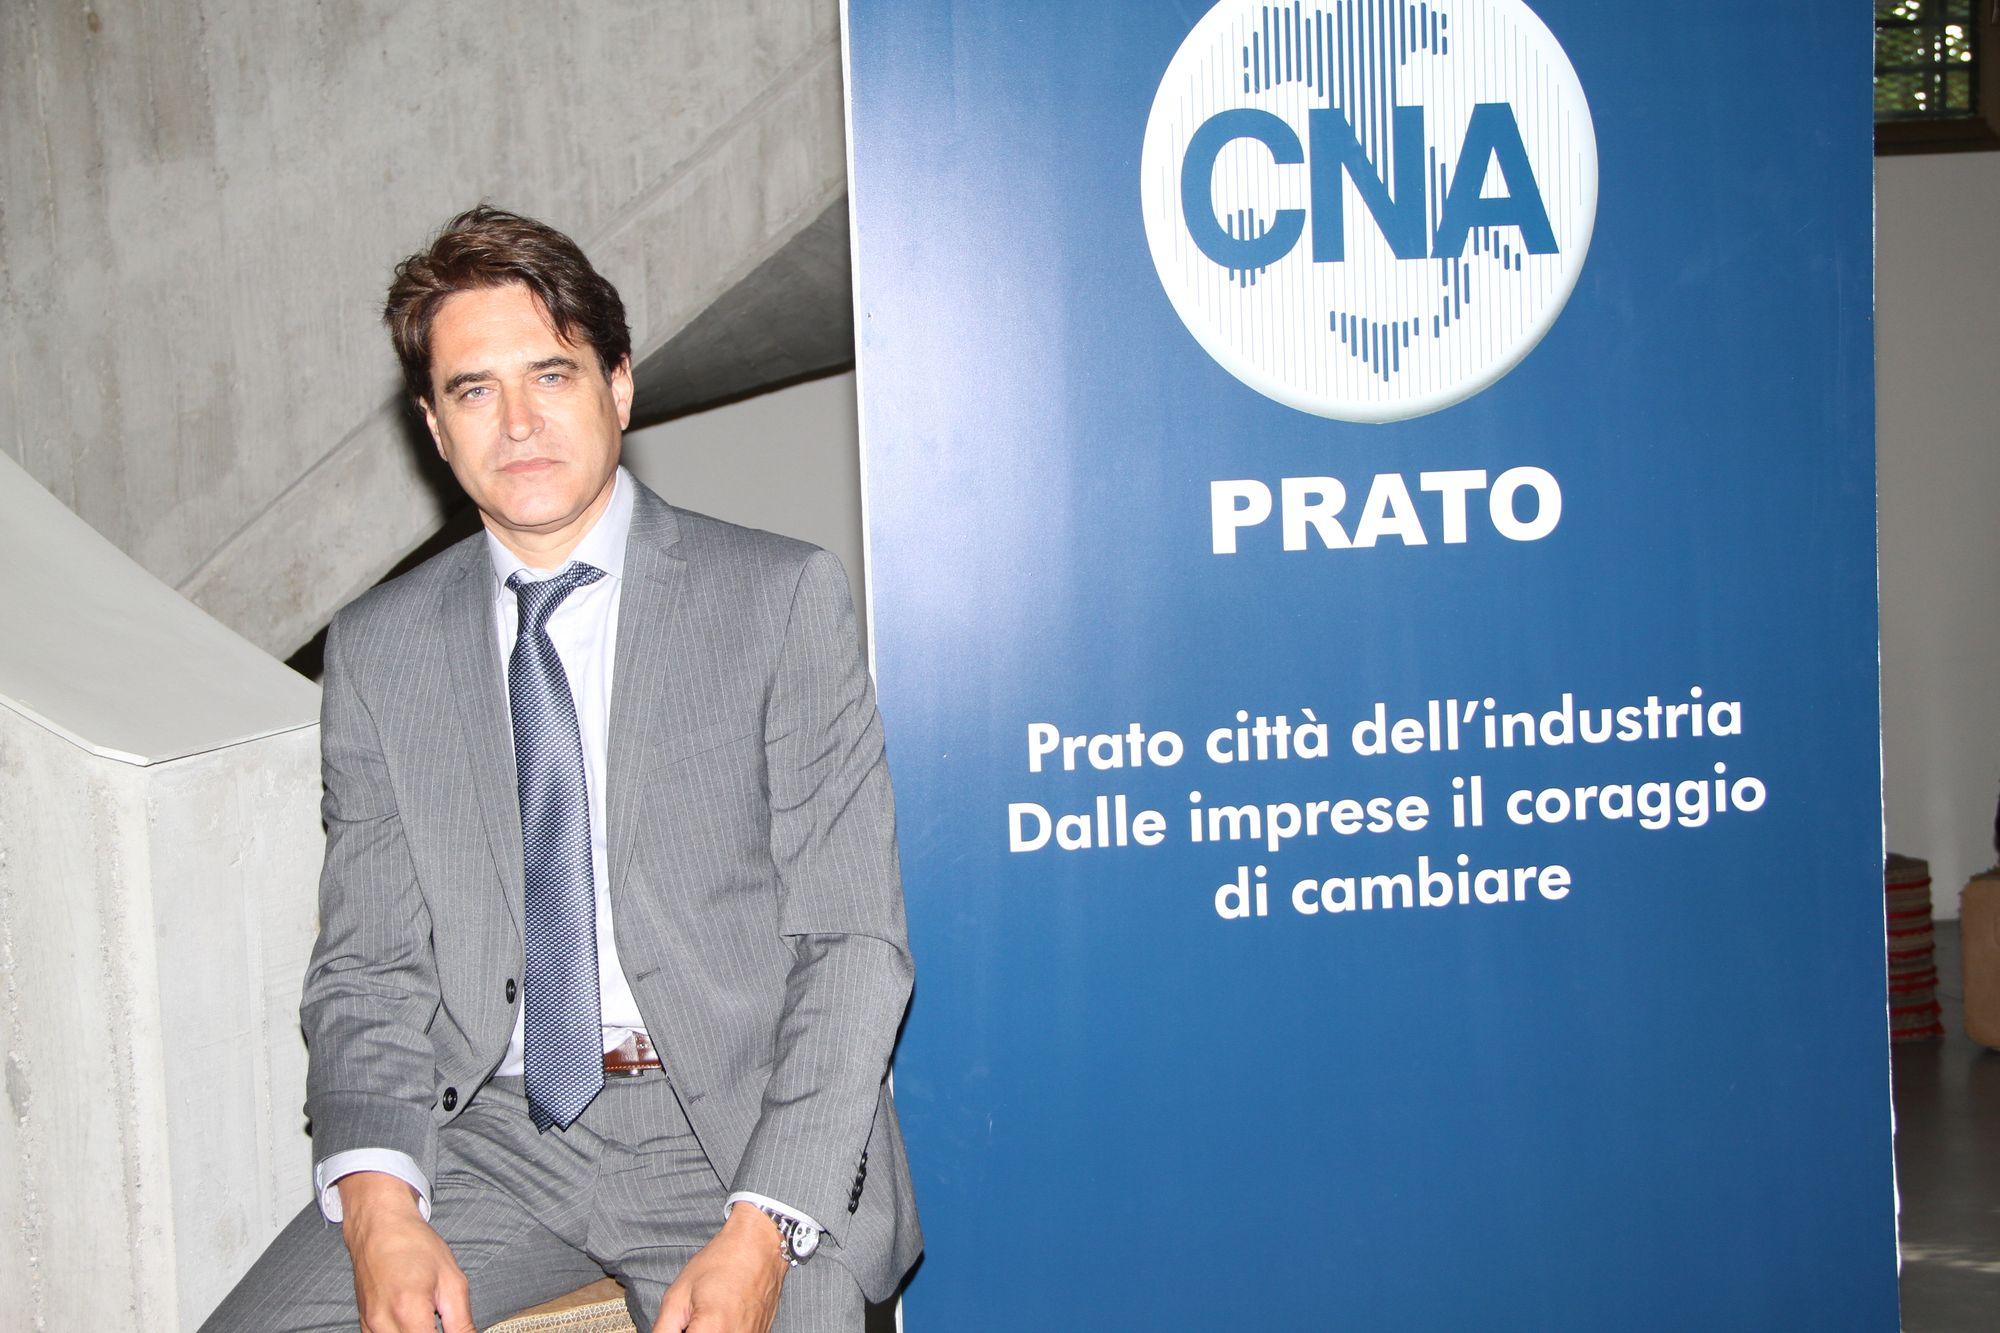 Photo of PRATO – Claudio Bettazzi (CNA) presenta il suo piano per la città